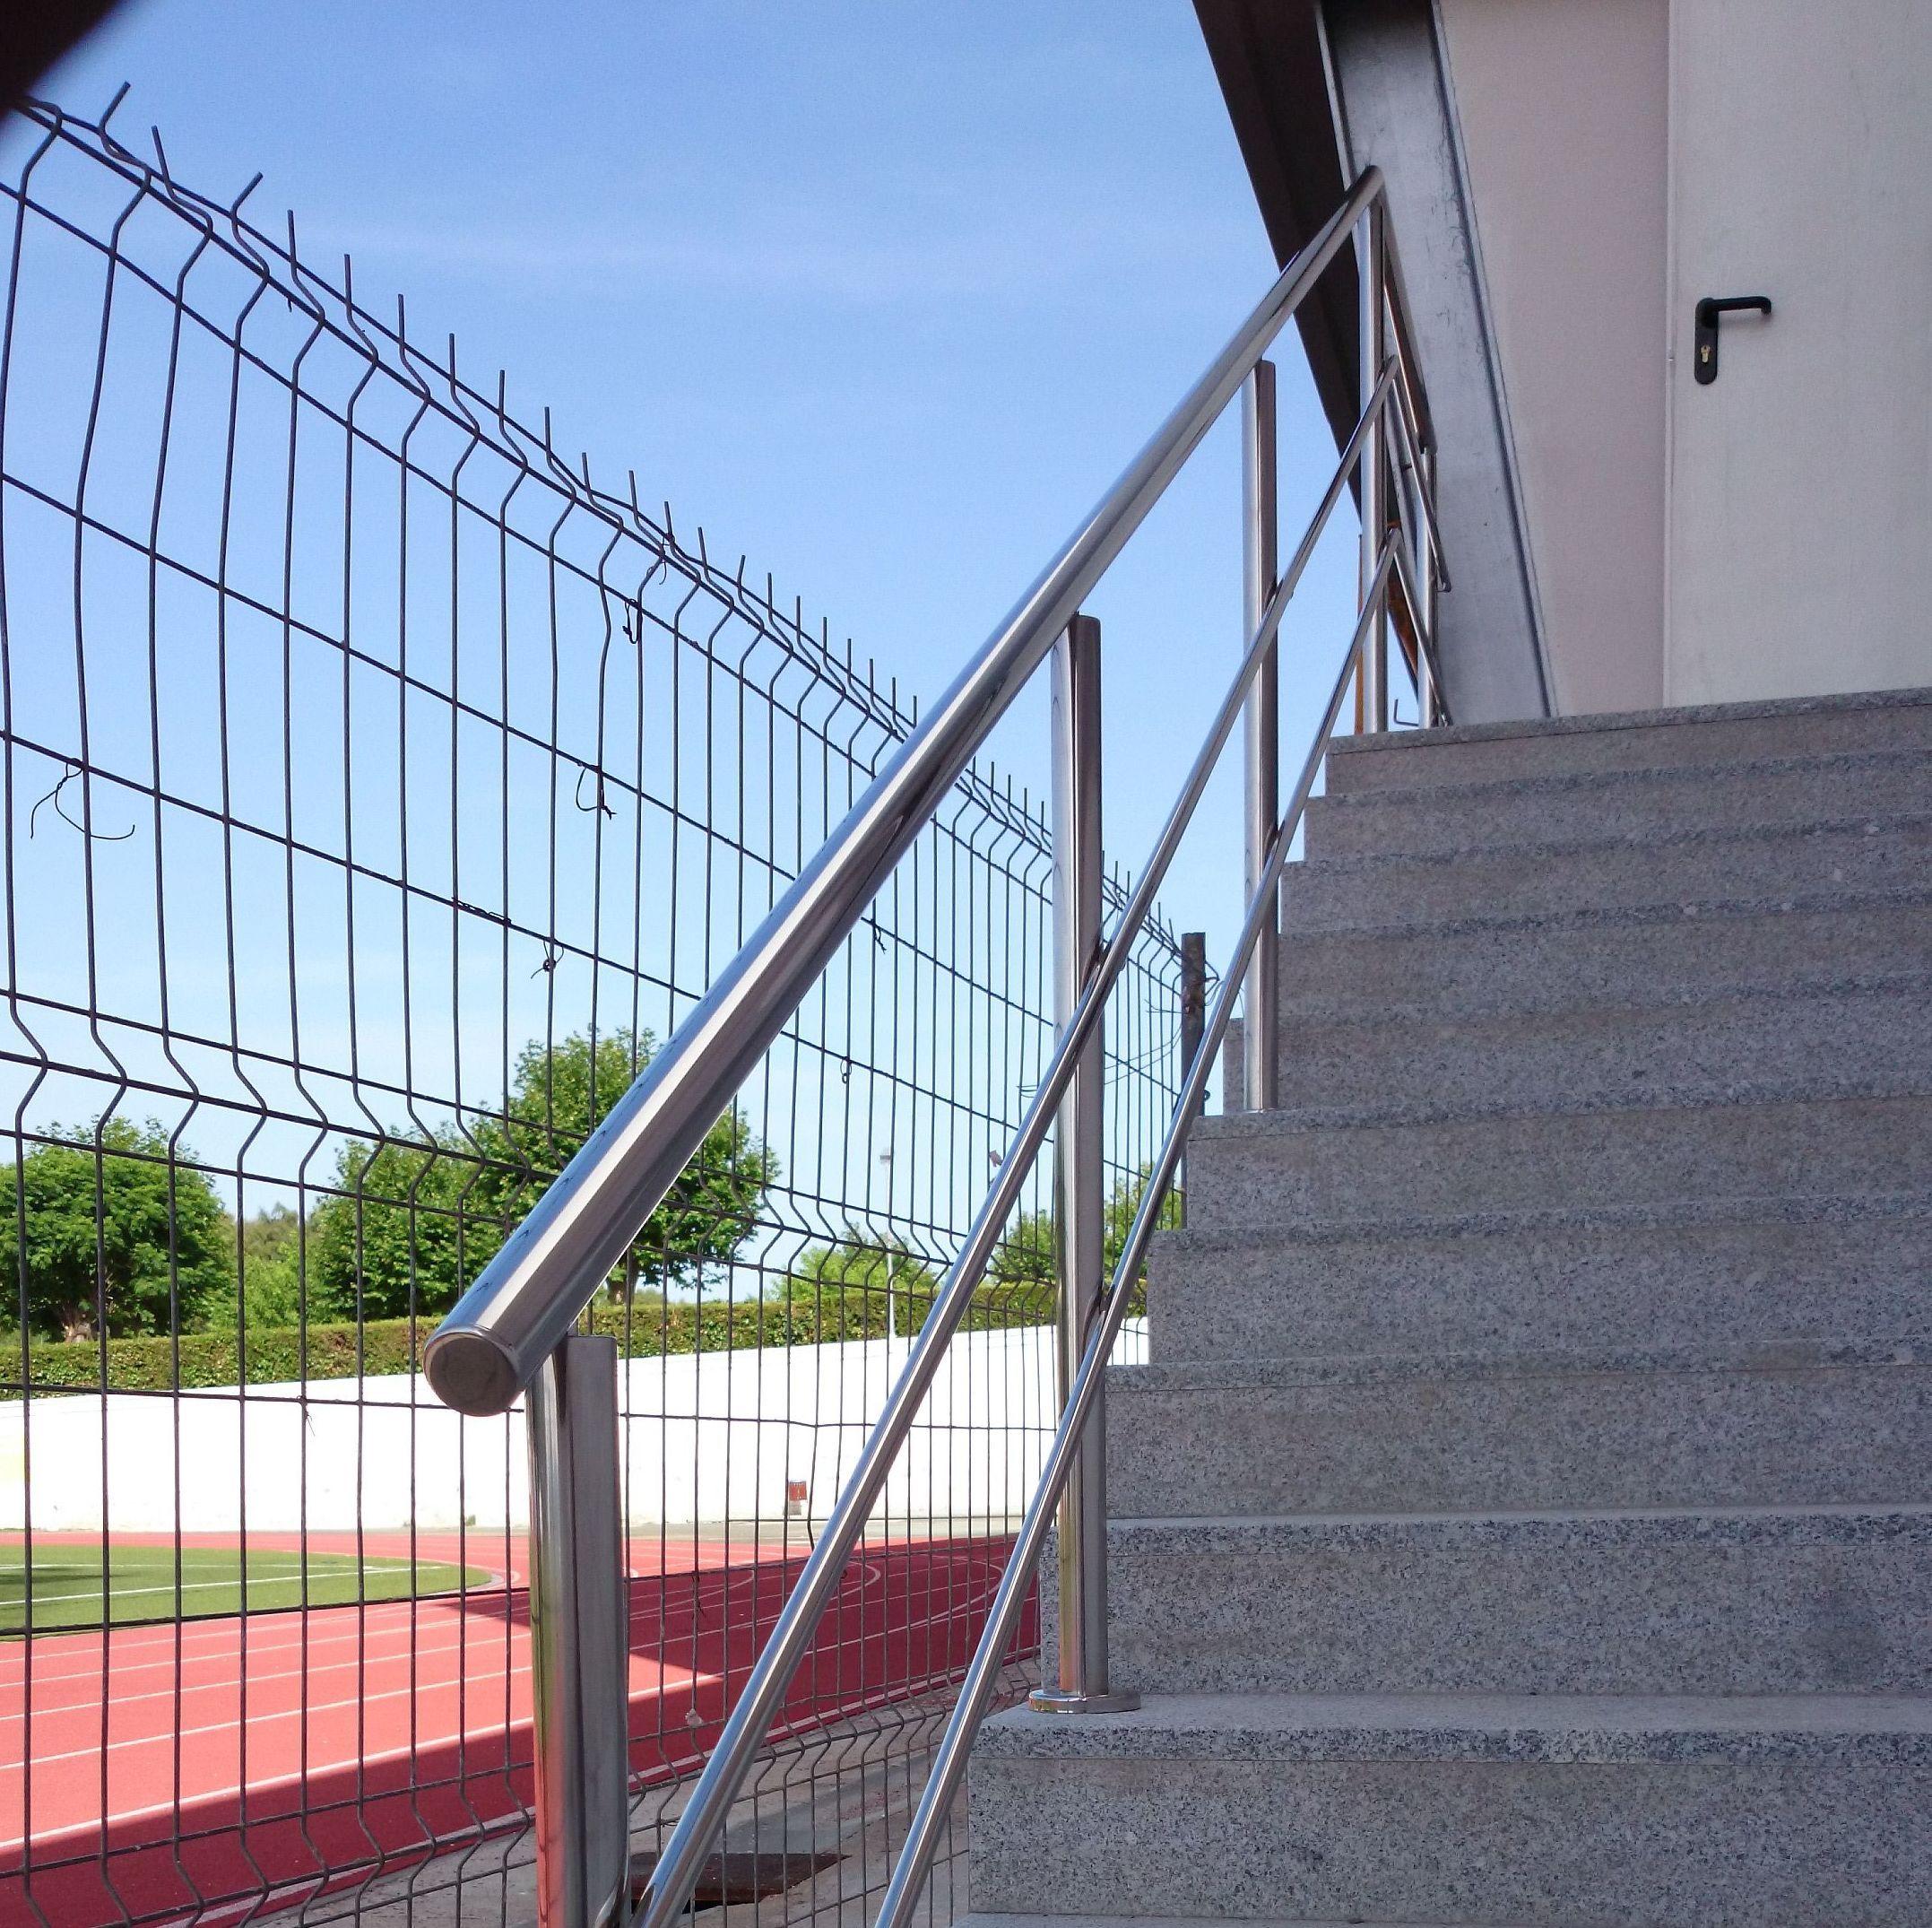 Foto 63 de Especialistas en diseños y proyectos en acero inoxidable en Alcalá de Guadaíra | Icminox